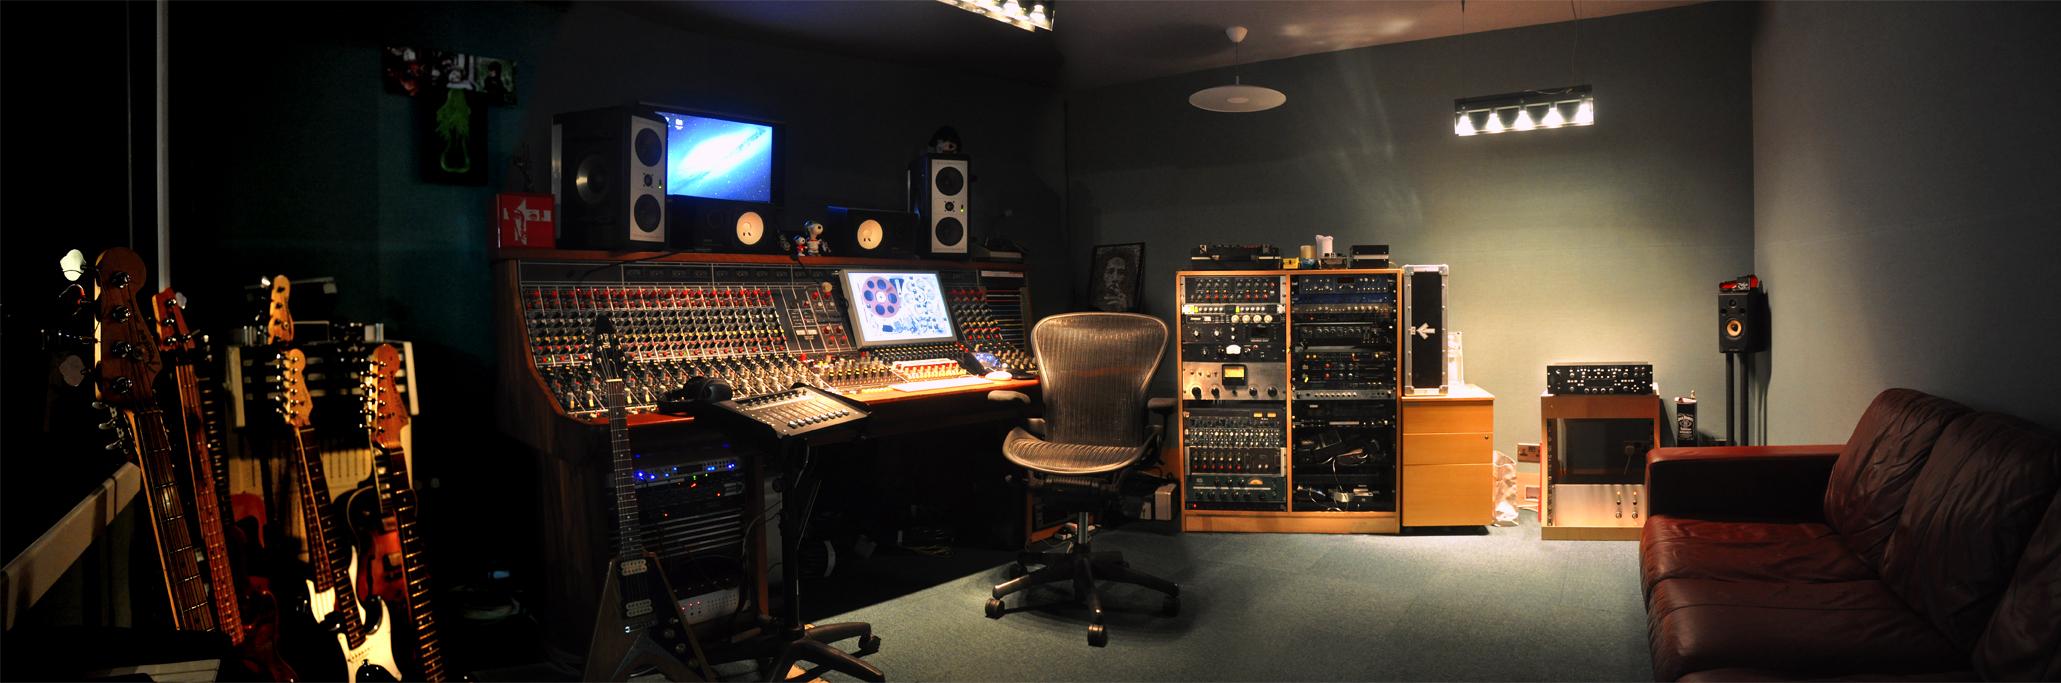 DSC_0263-0266_recording_room.jpg